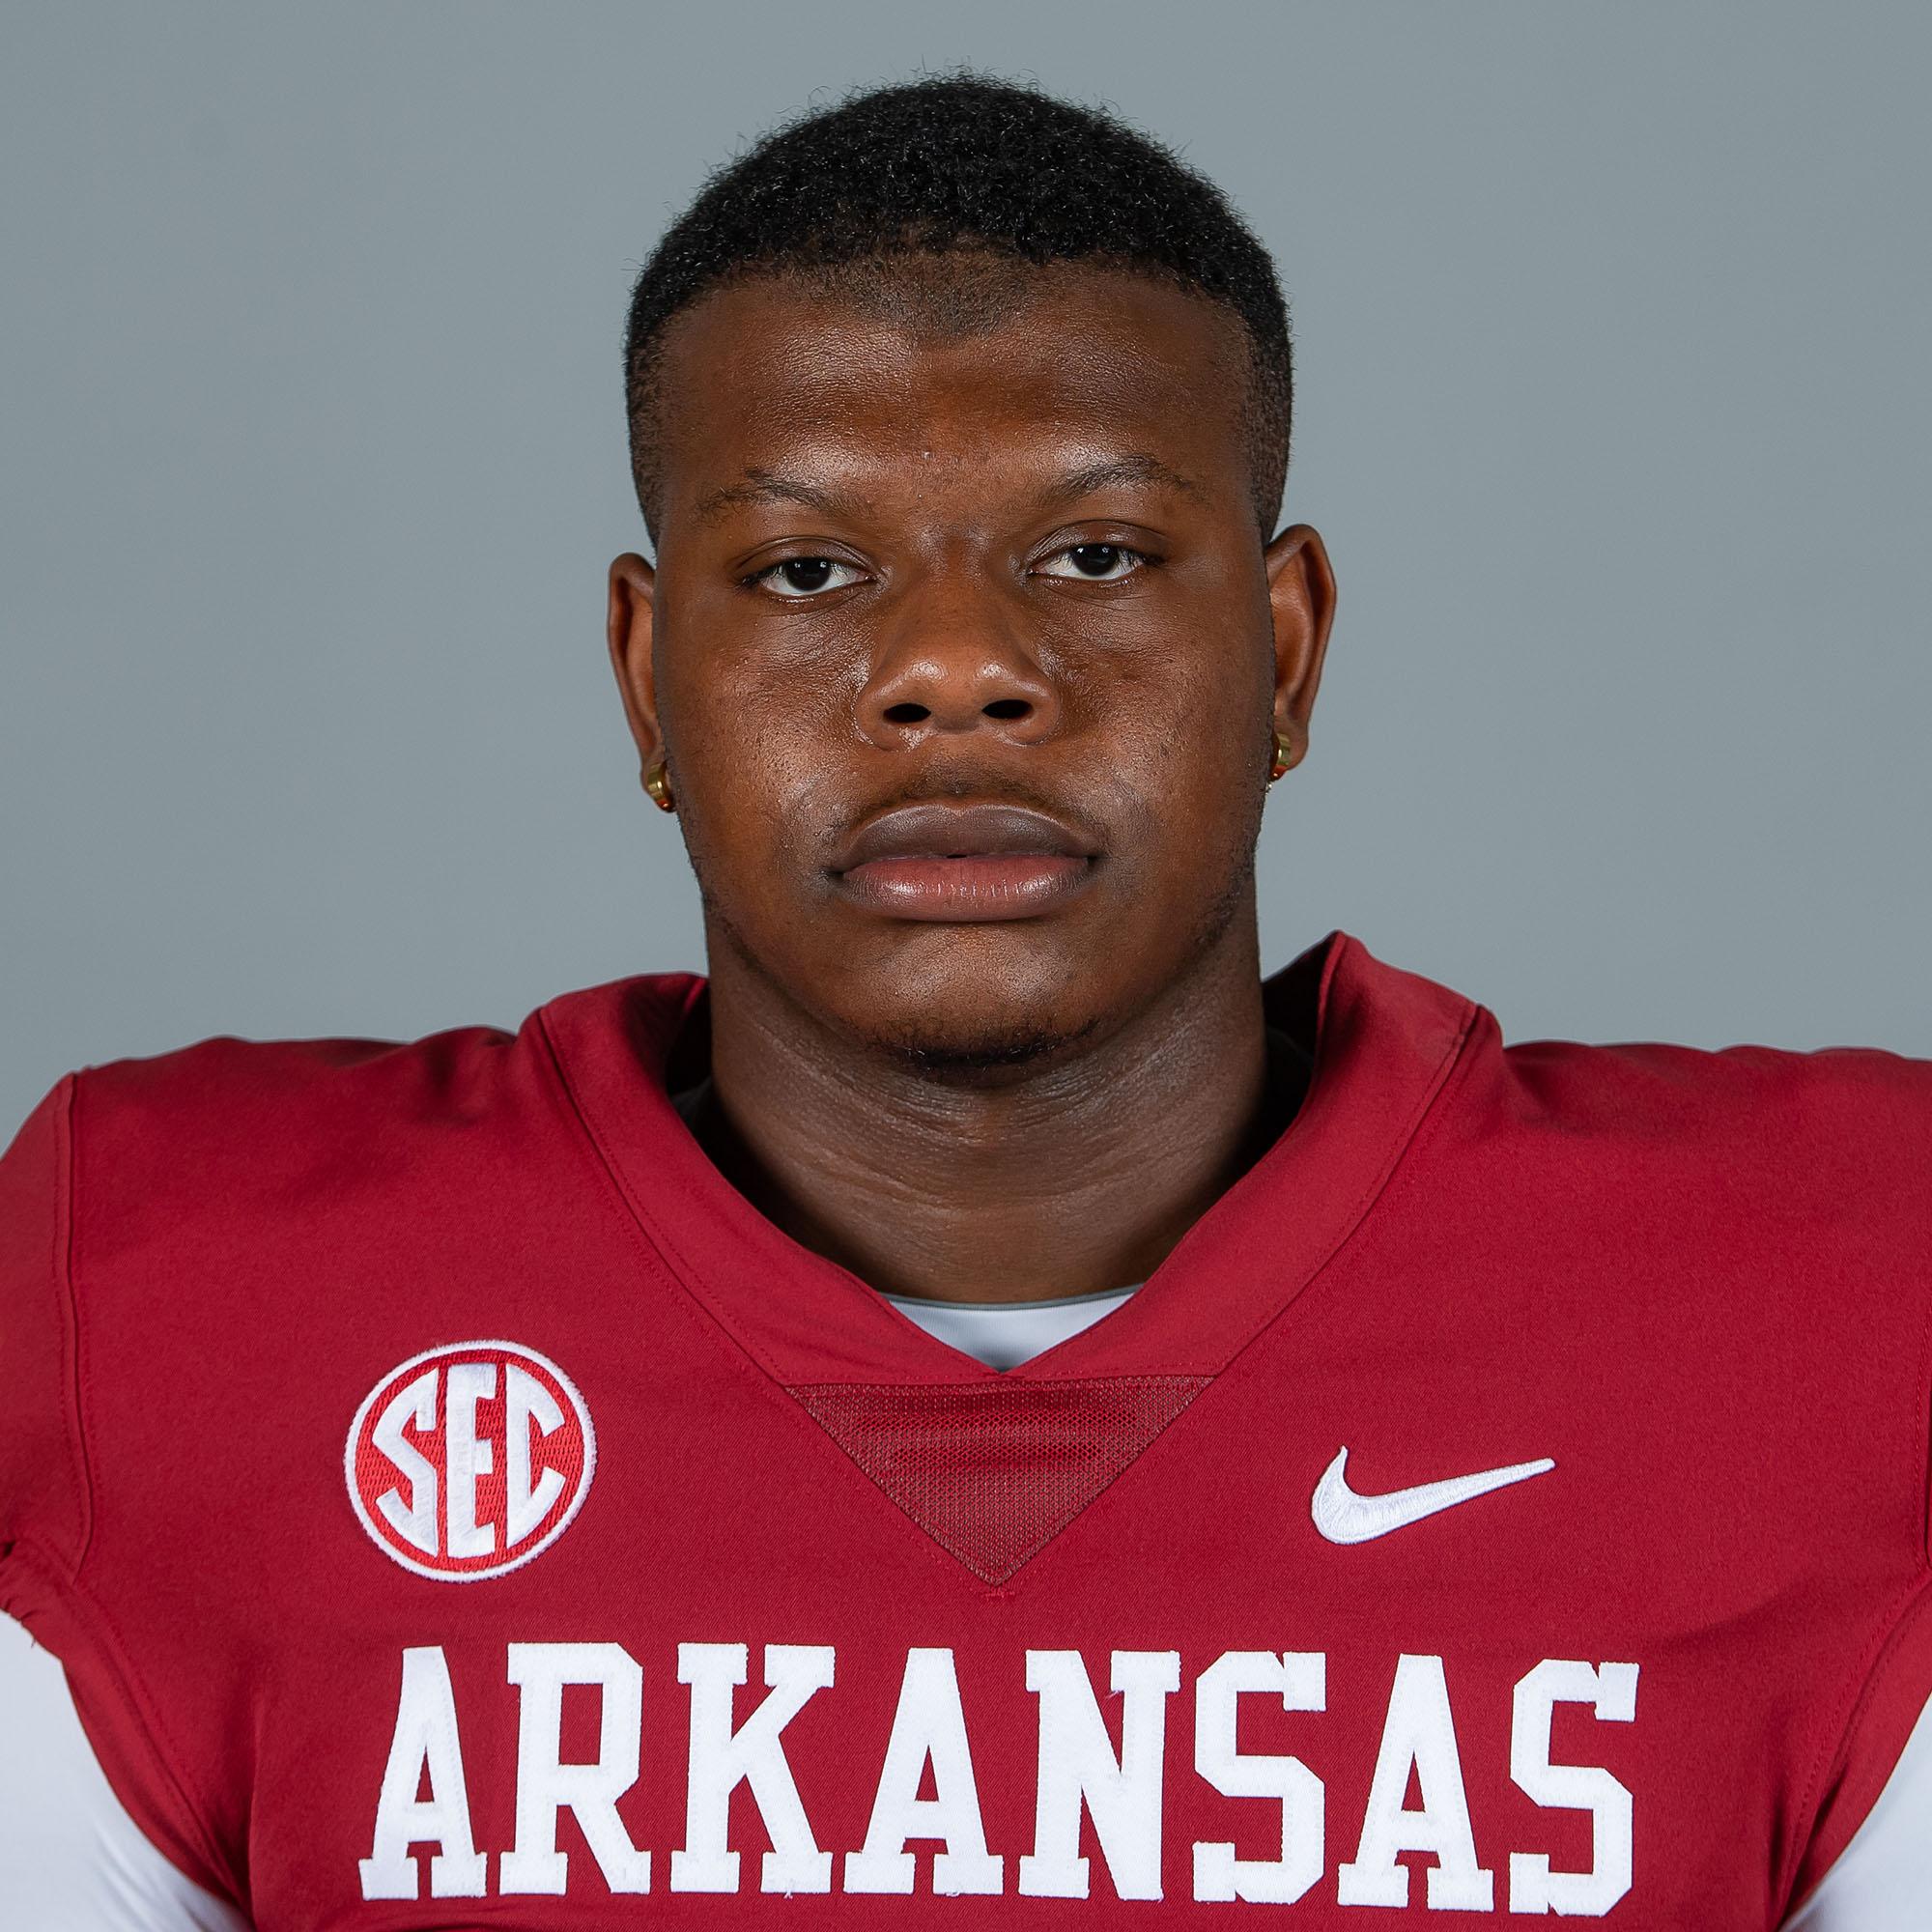 KJ Jefferson - Football - Arkansas Razorbacks